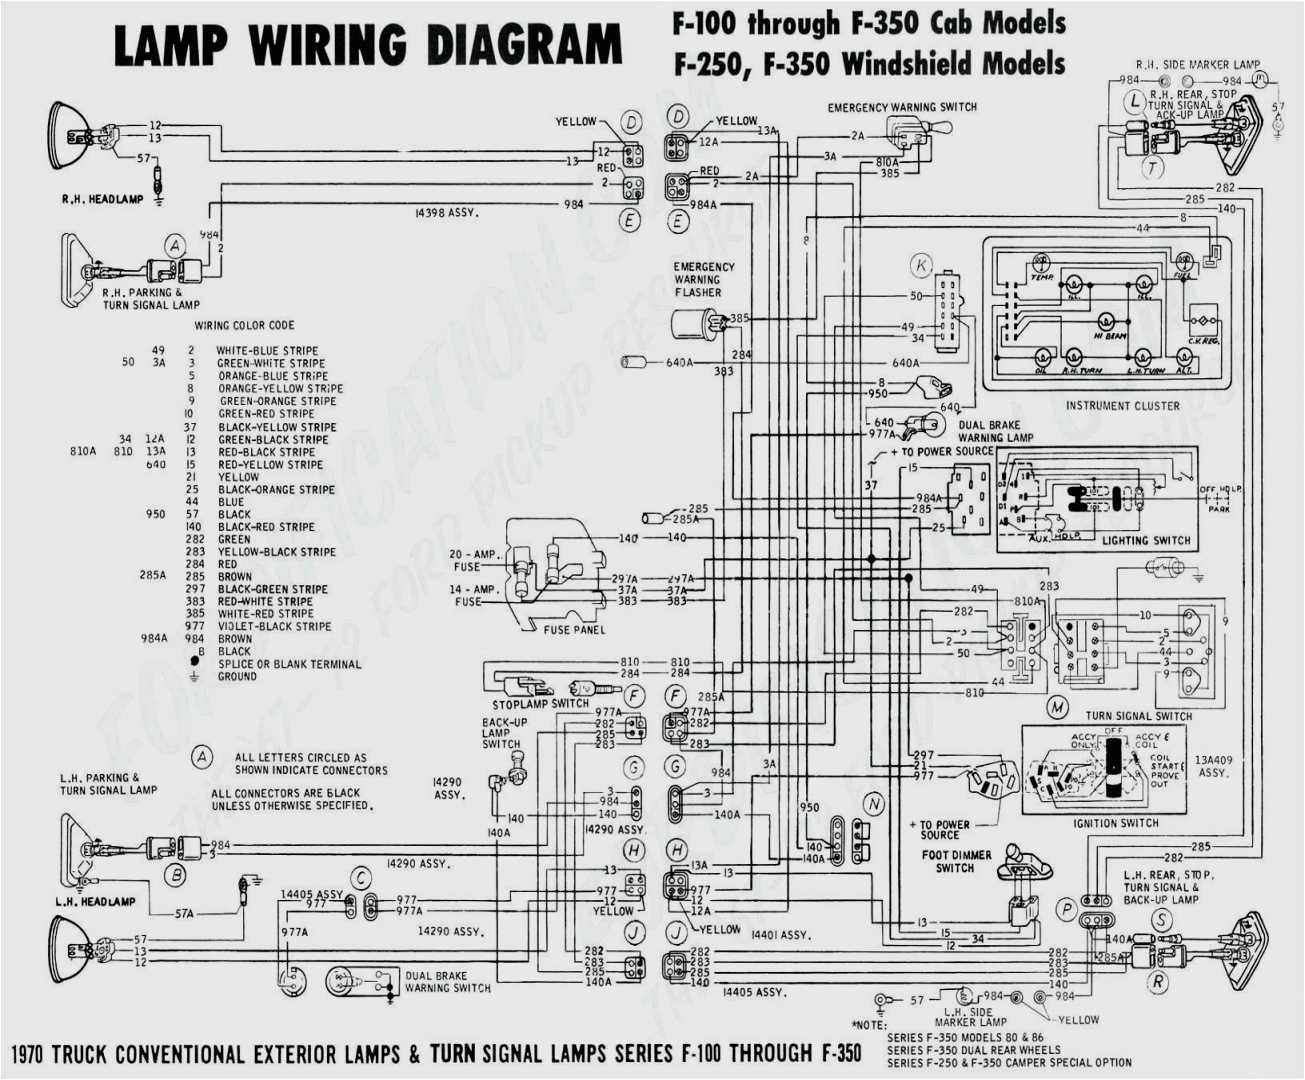 2001 kawasaki bayou 220 wiring diagram wiring diagrams kawasaki bayou 220 wiring manual 2001 kawasaki bayou